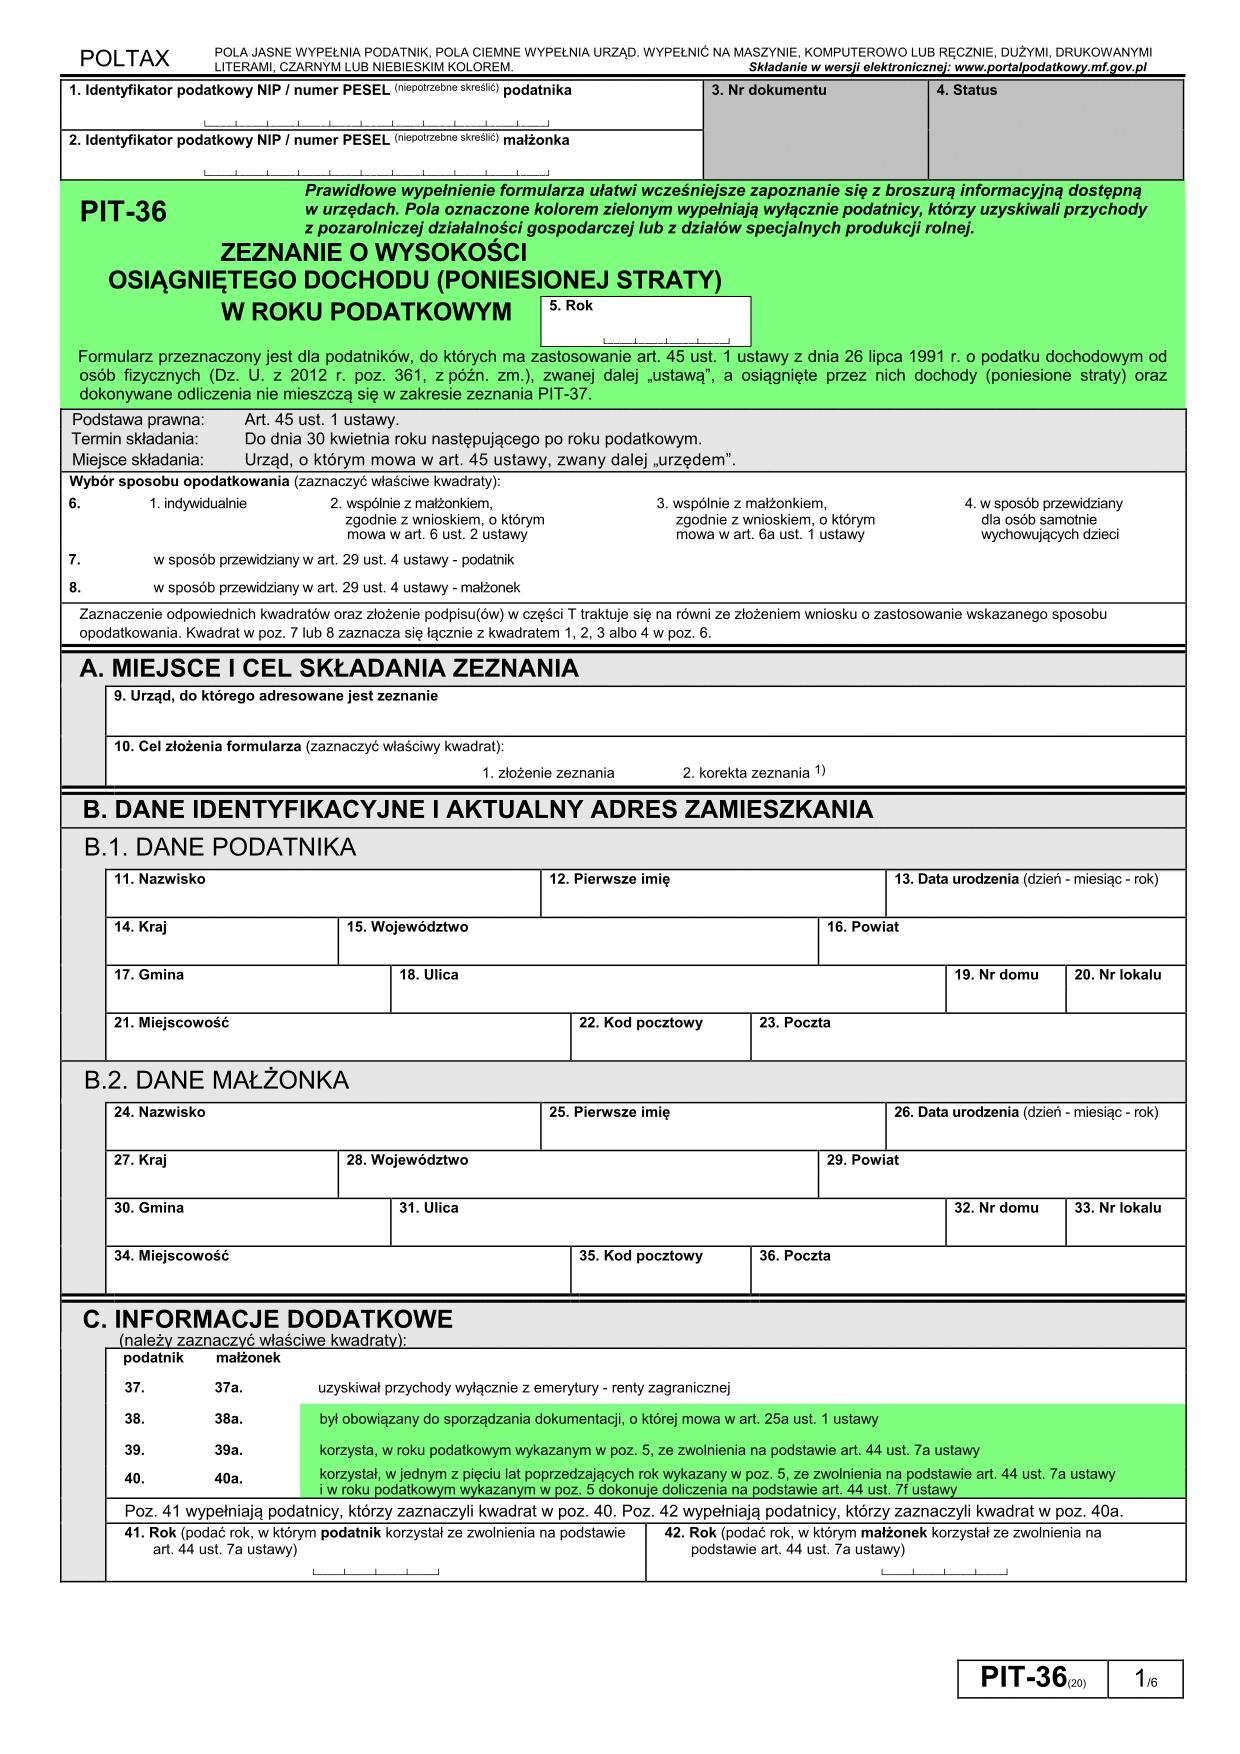 PIT-36 (20) (2014) (archiwalny) Zeznanie o wysokości osiągniętego dochodu (poniesionej straty)